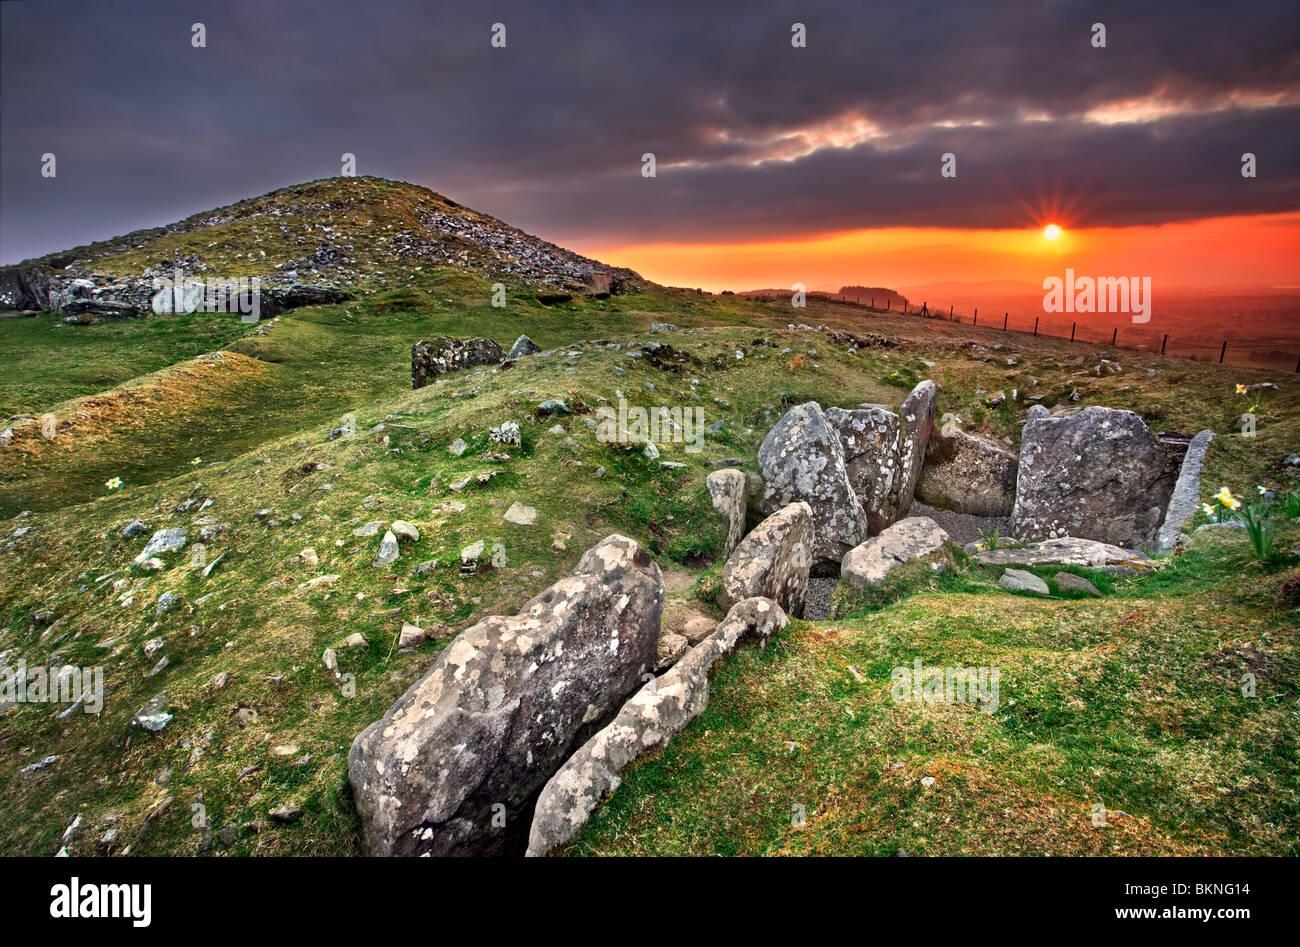 Cairn Loughcrew T en arrière-plan avec cairn U en premier plan. Capturé au crépuscule. Co Meath, Photo Stock